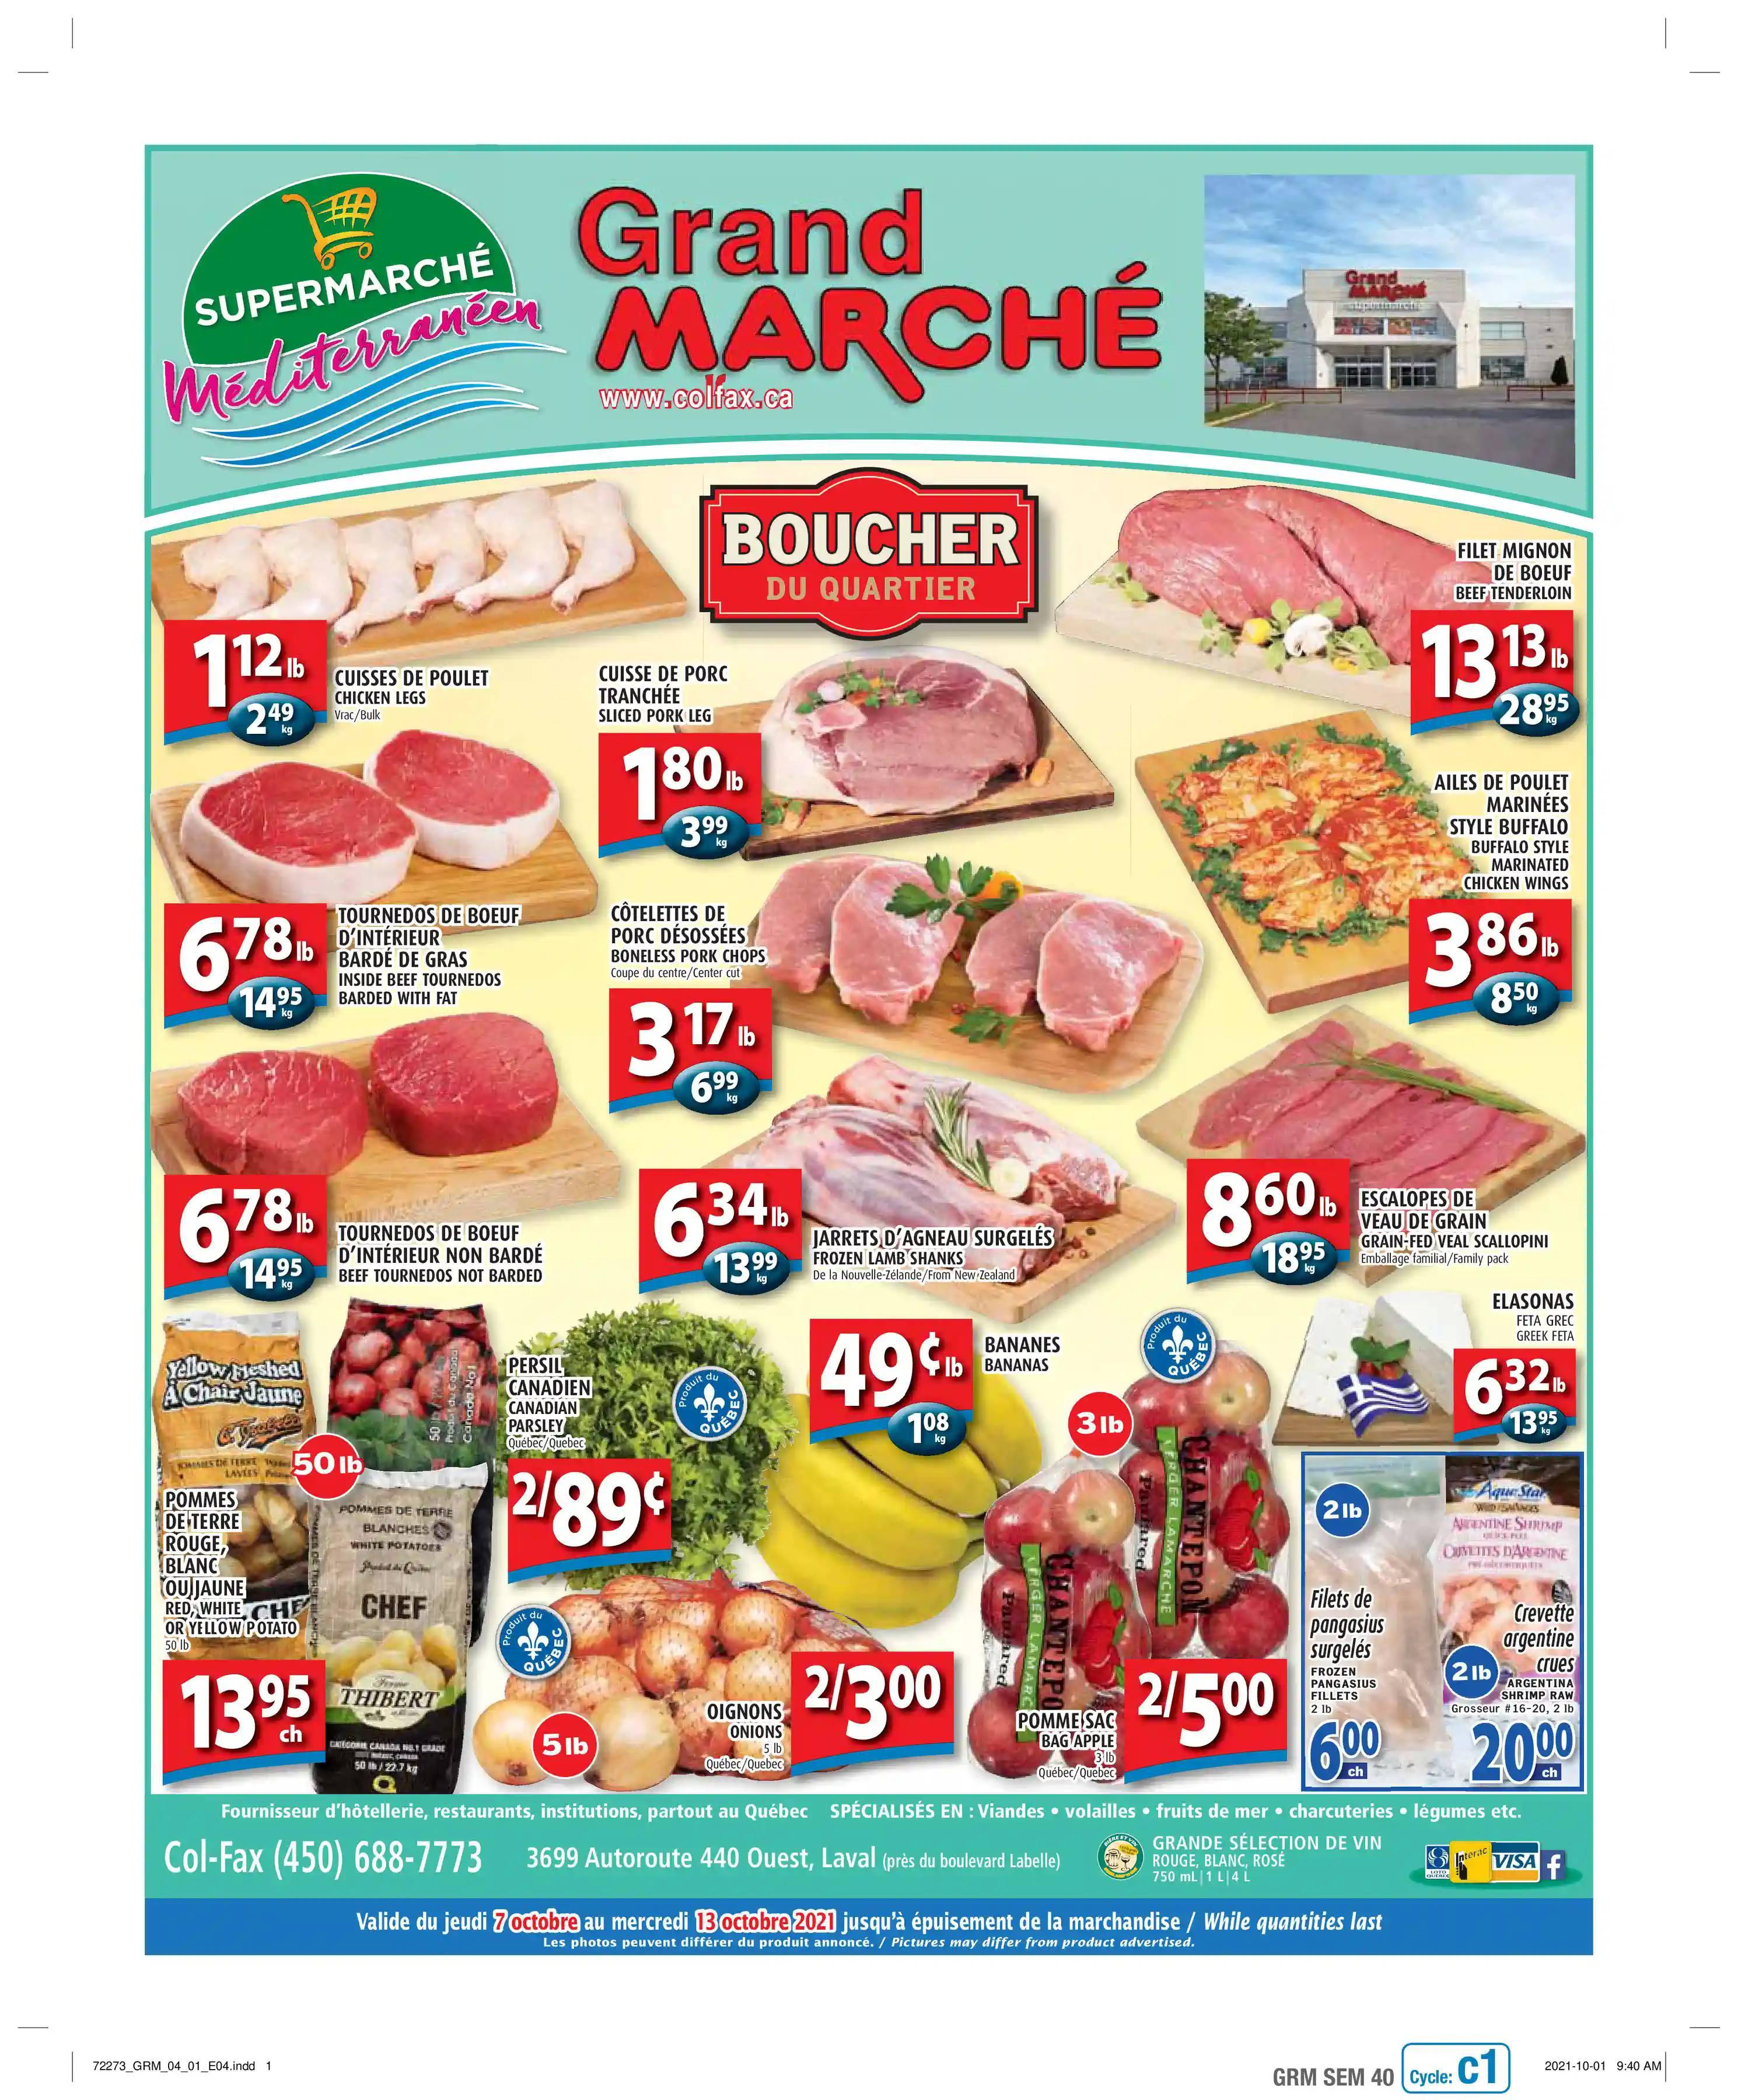 Circulaire Grand Marché Laval du  7 au 13 octobre 2021 - Page 1